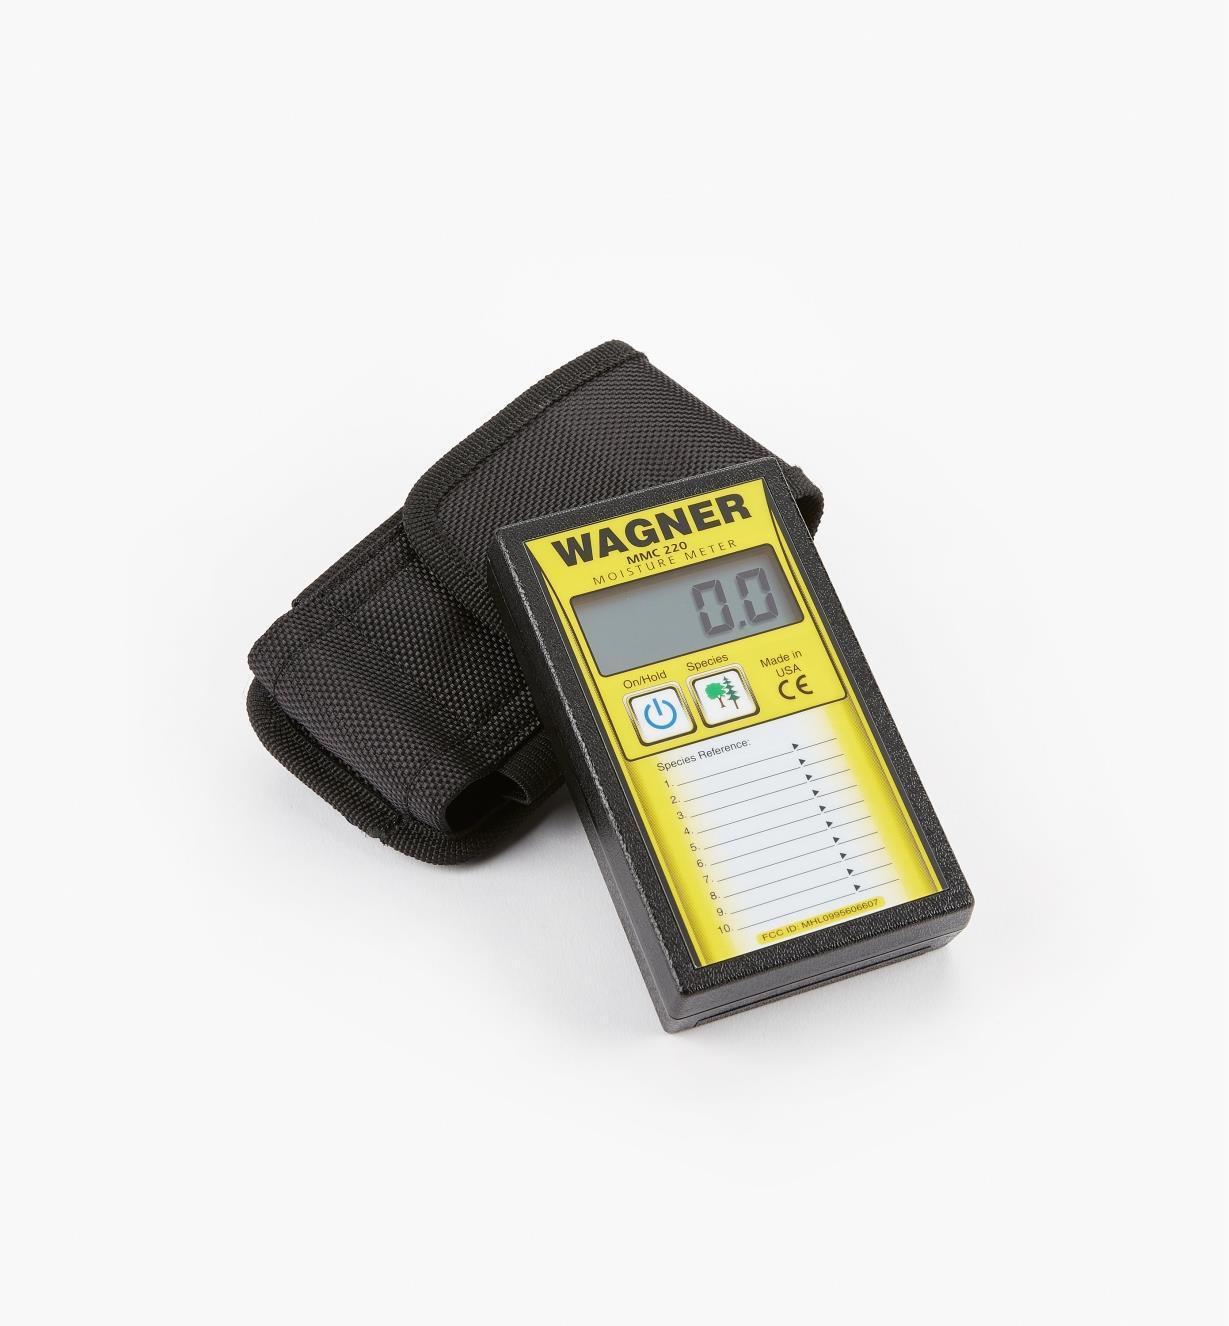 99N1522 - Wagner MMC-220 Meter